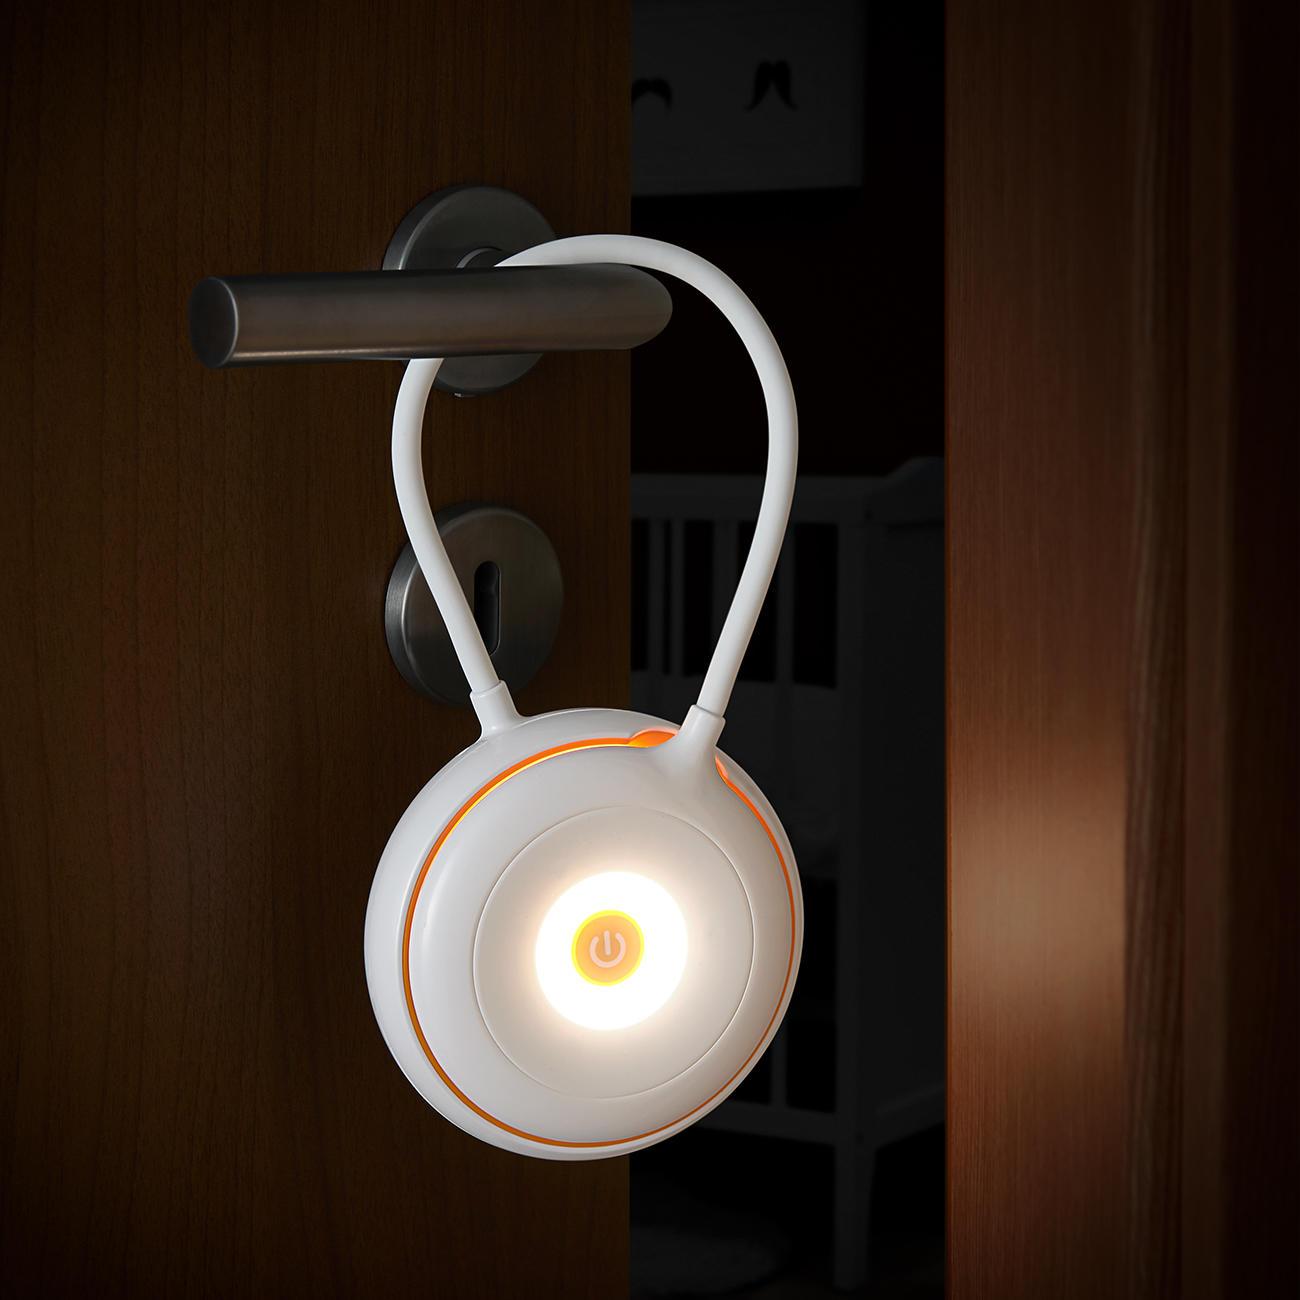 lampe polyvalente sans fil garantie produit de 3 ans. Black Bedroom Furniture Sets. Home Design Ideas